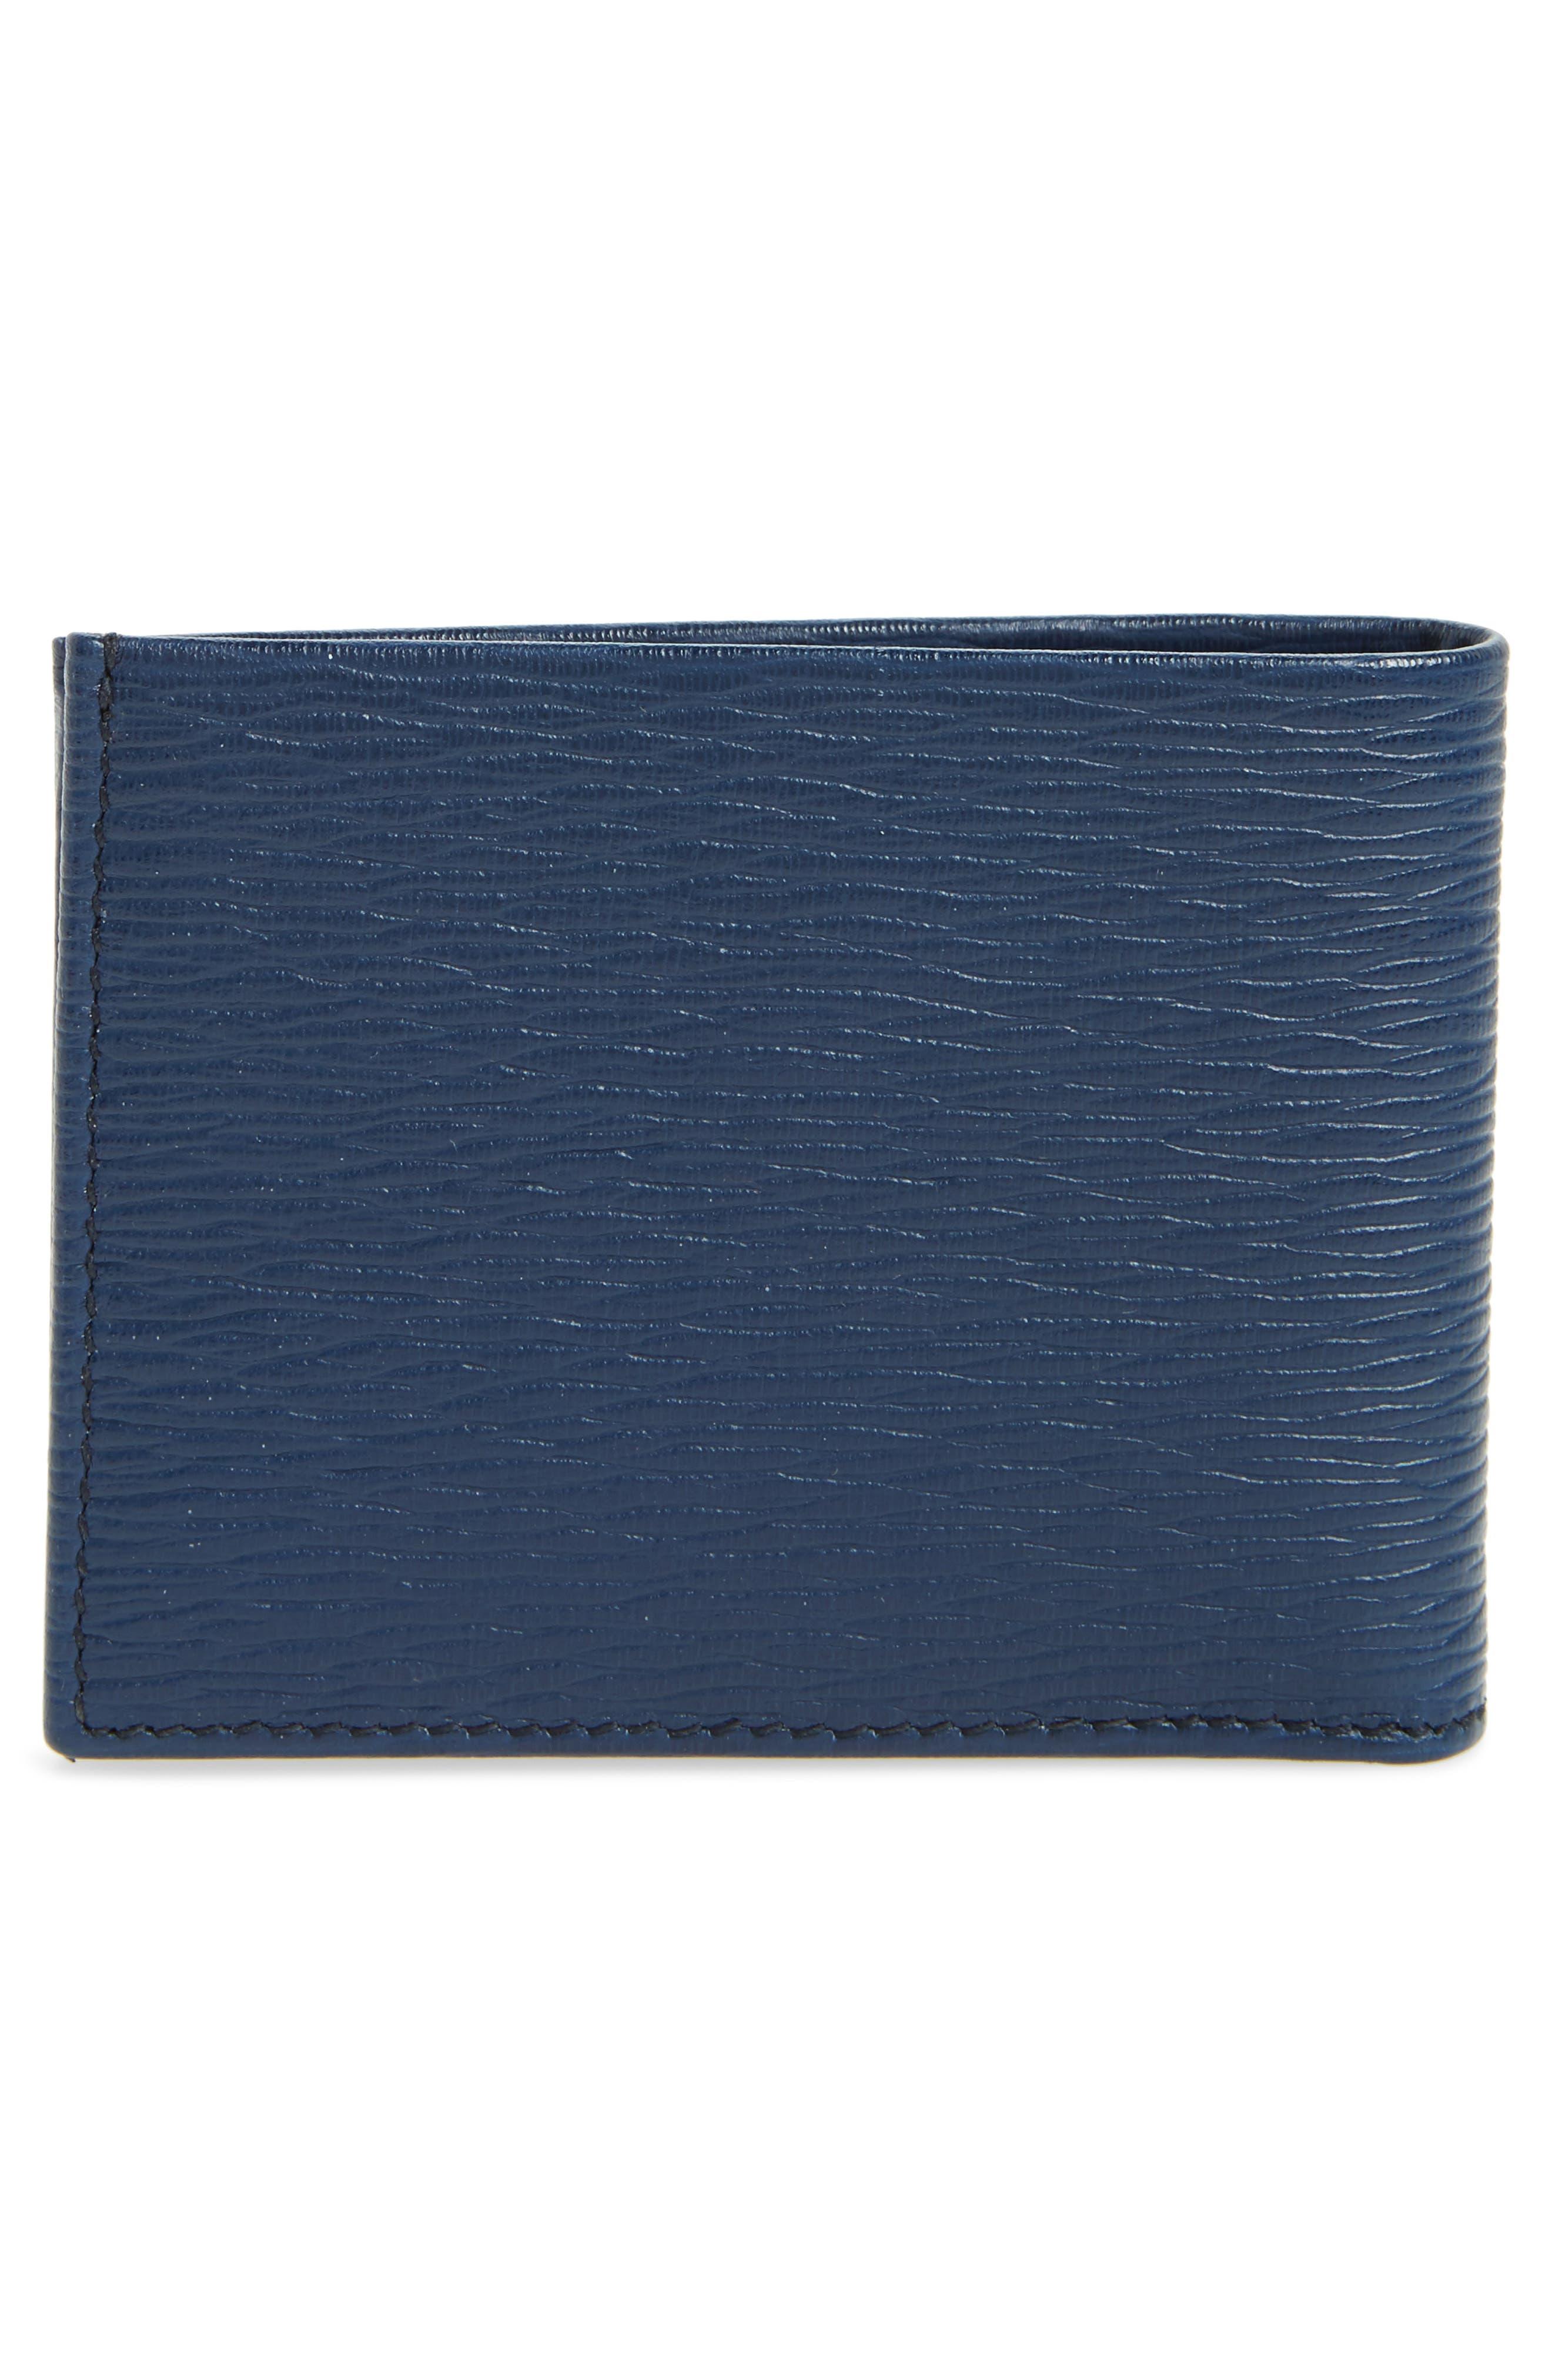 SALVATORE FERRAGAMO, Revival Bifold Leather Wallet, Alternate thumbnail 3, color, BLUE